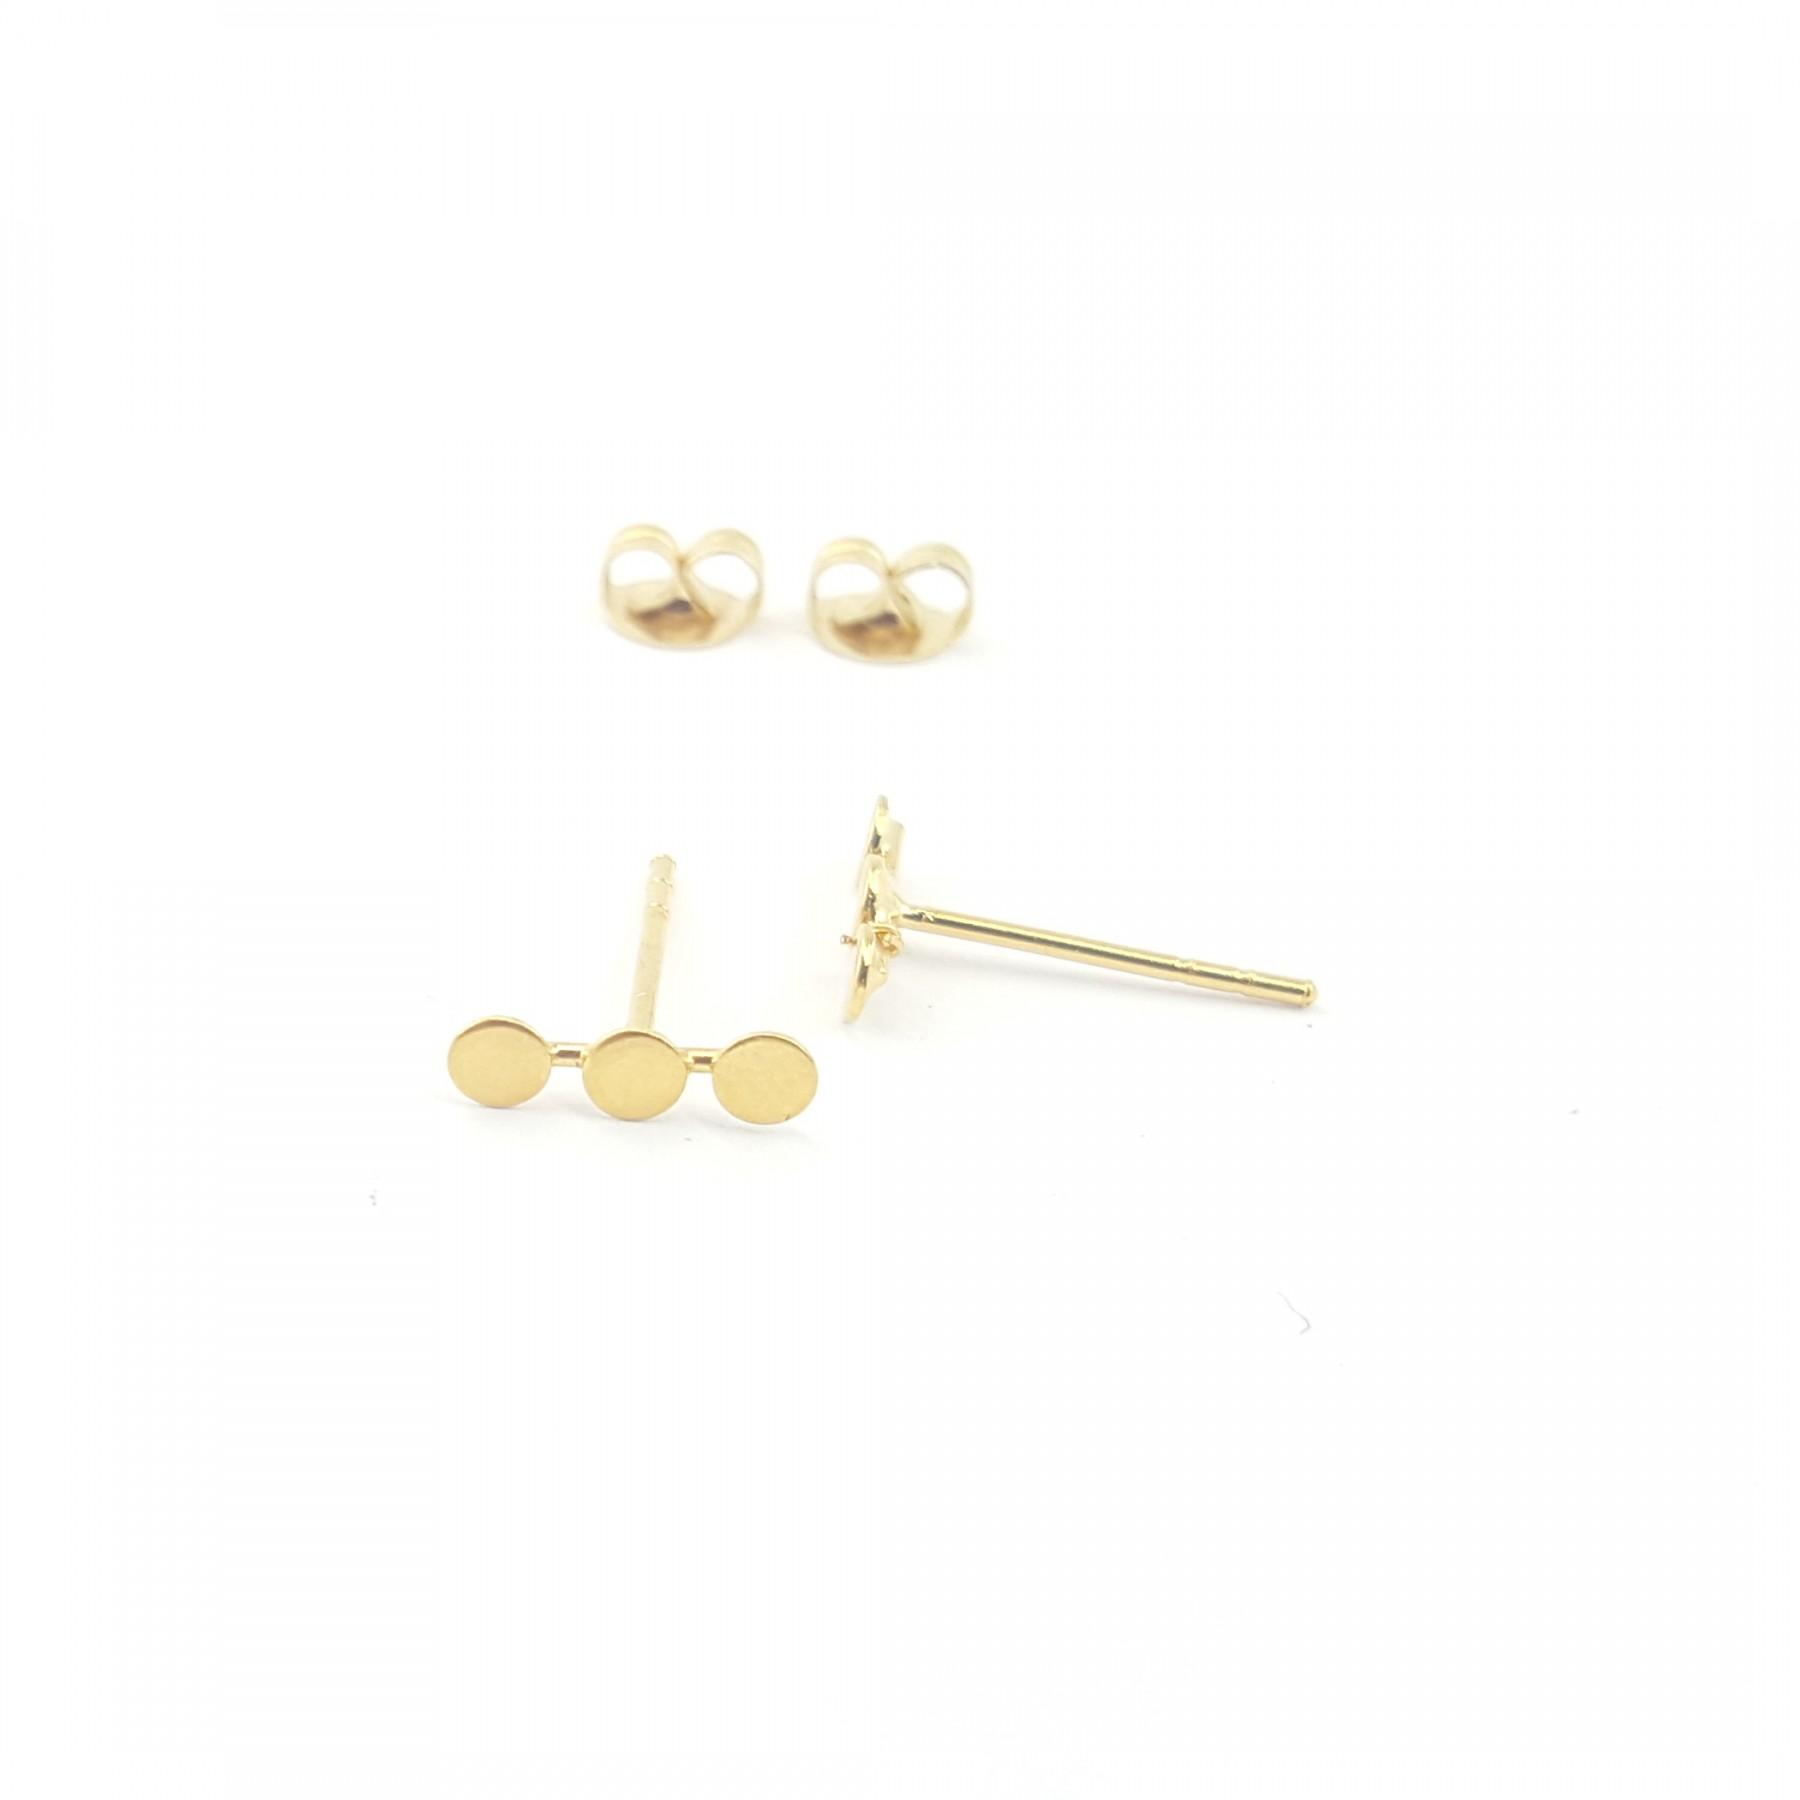 Puces mini-ronds en plaqué or